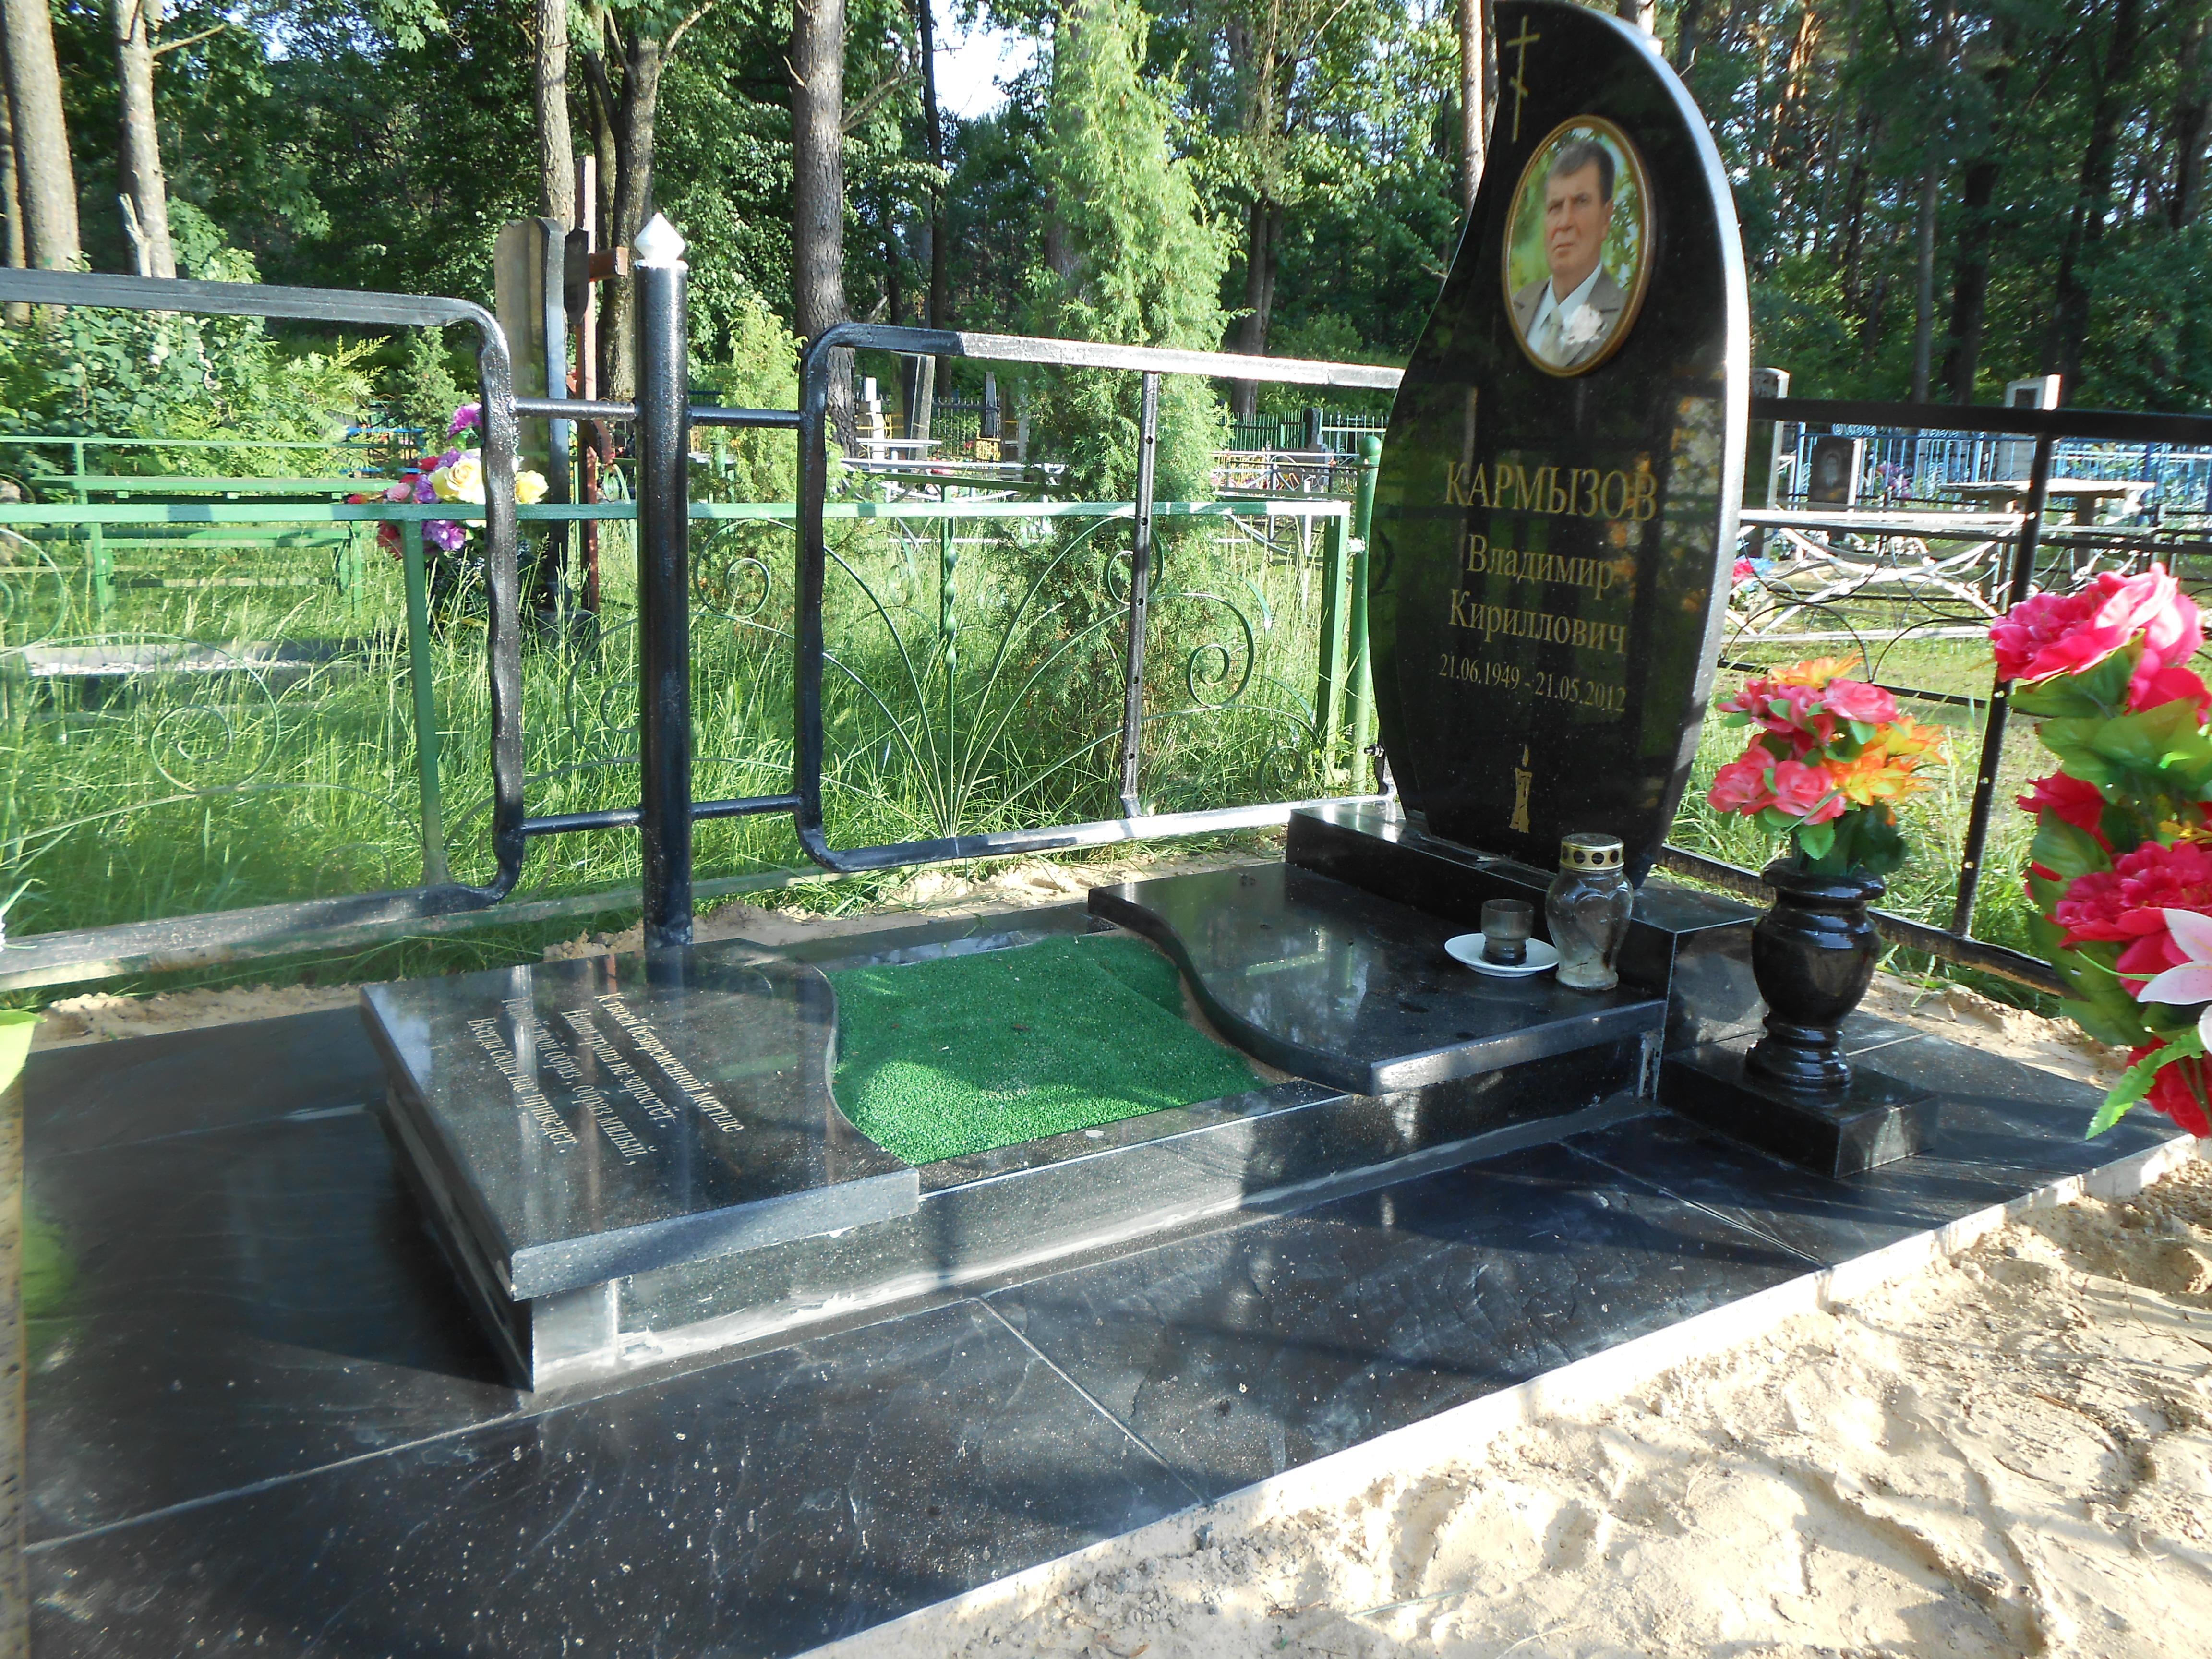 Karmyezov